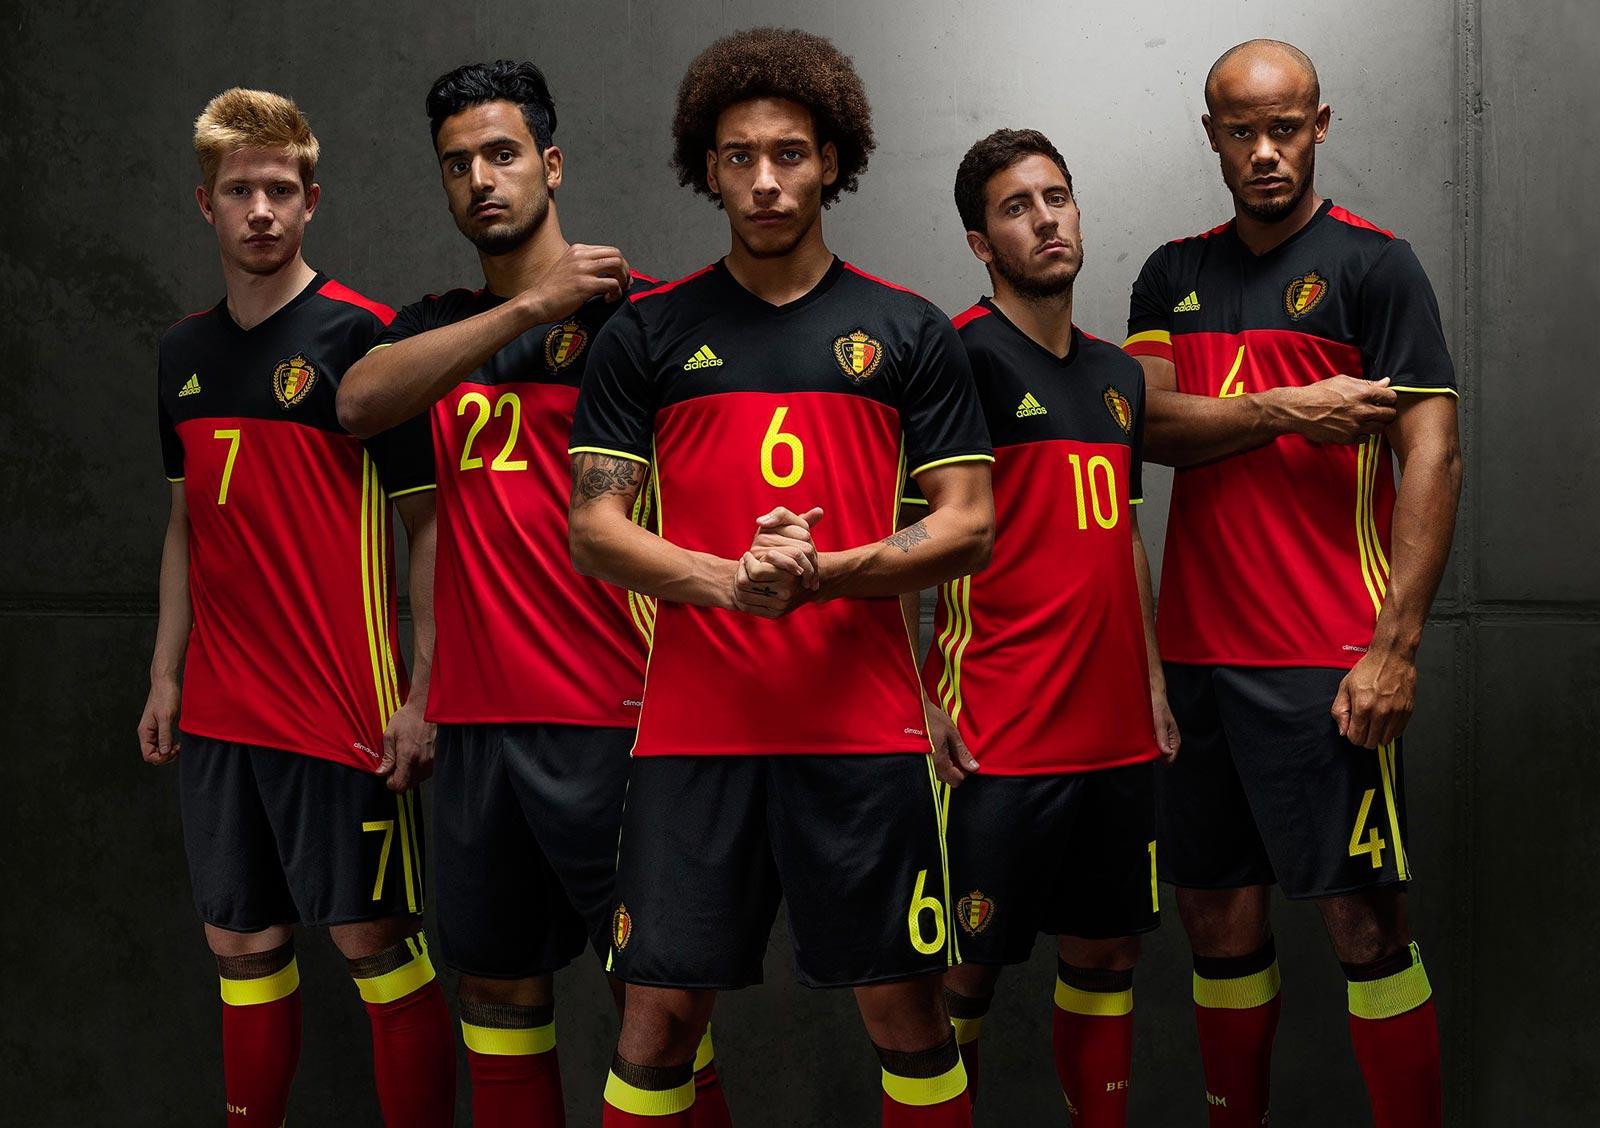 Сборная Бельгии по футболу на ЕВРО-2016